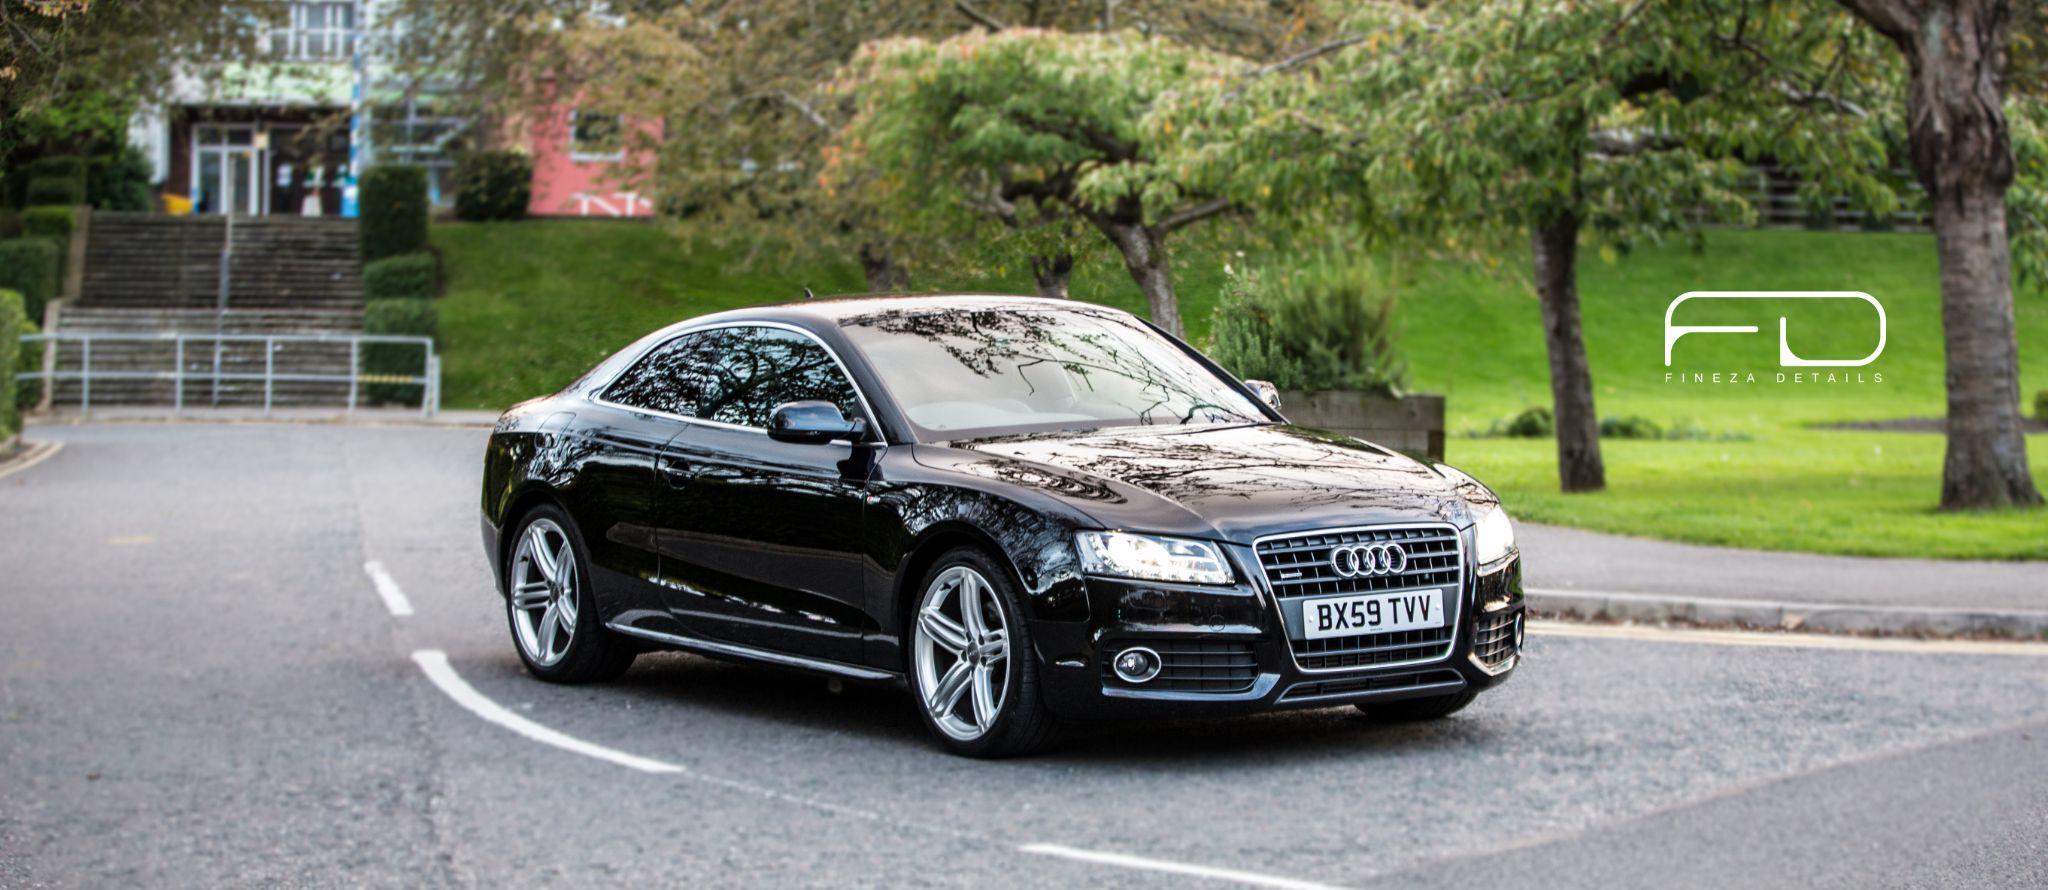 Audi A5 S line by Khalid_Fineza  Details